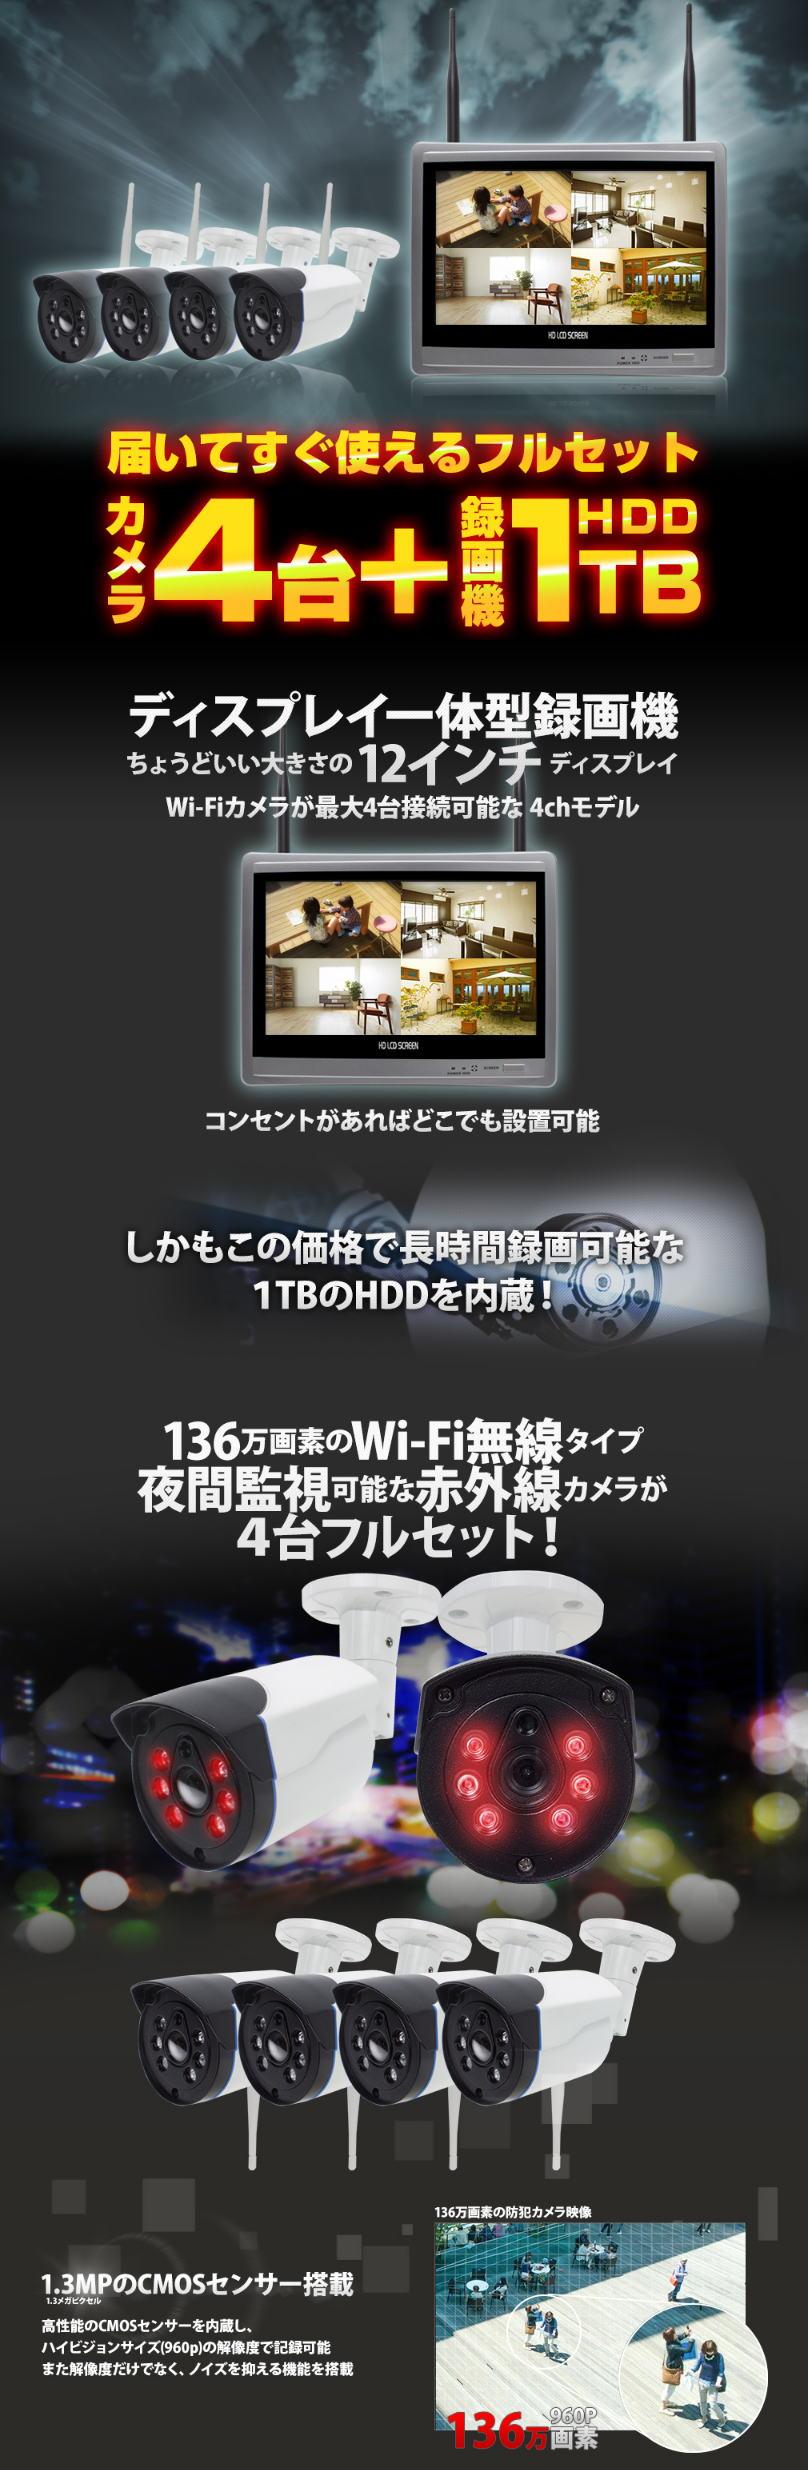 カメラ 防犯 塚本 無線